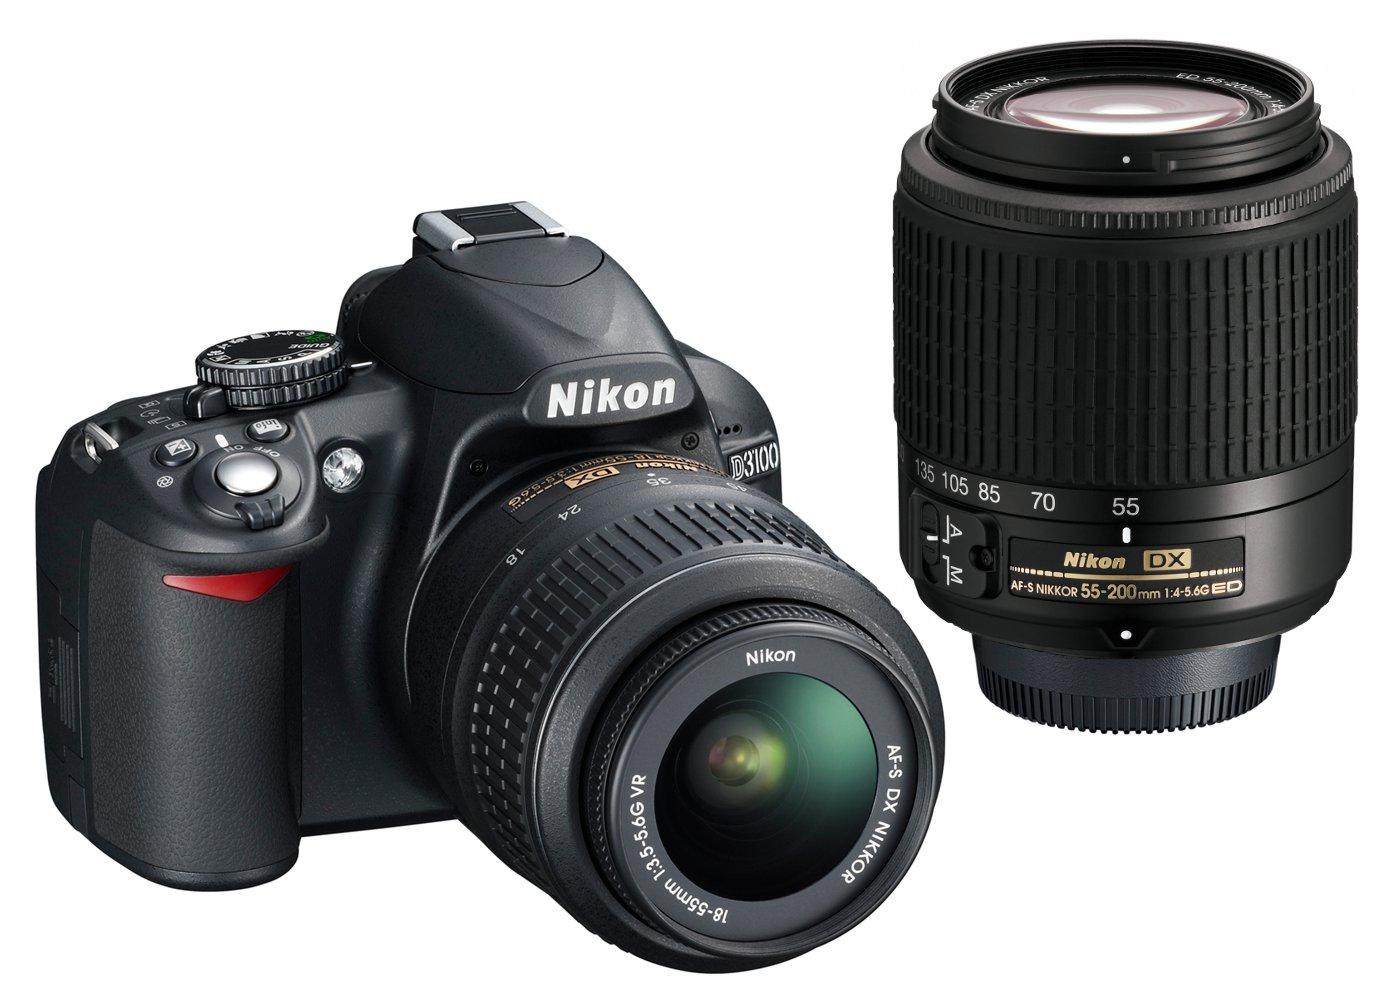 Nikon D3100 Digital SLR Camera with 18-55mm VR Lens Kit